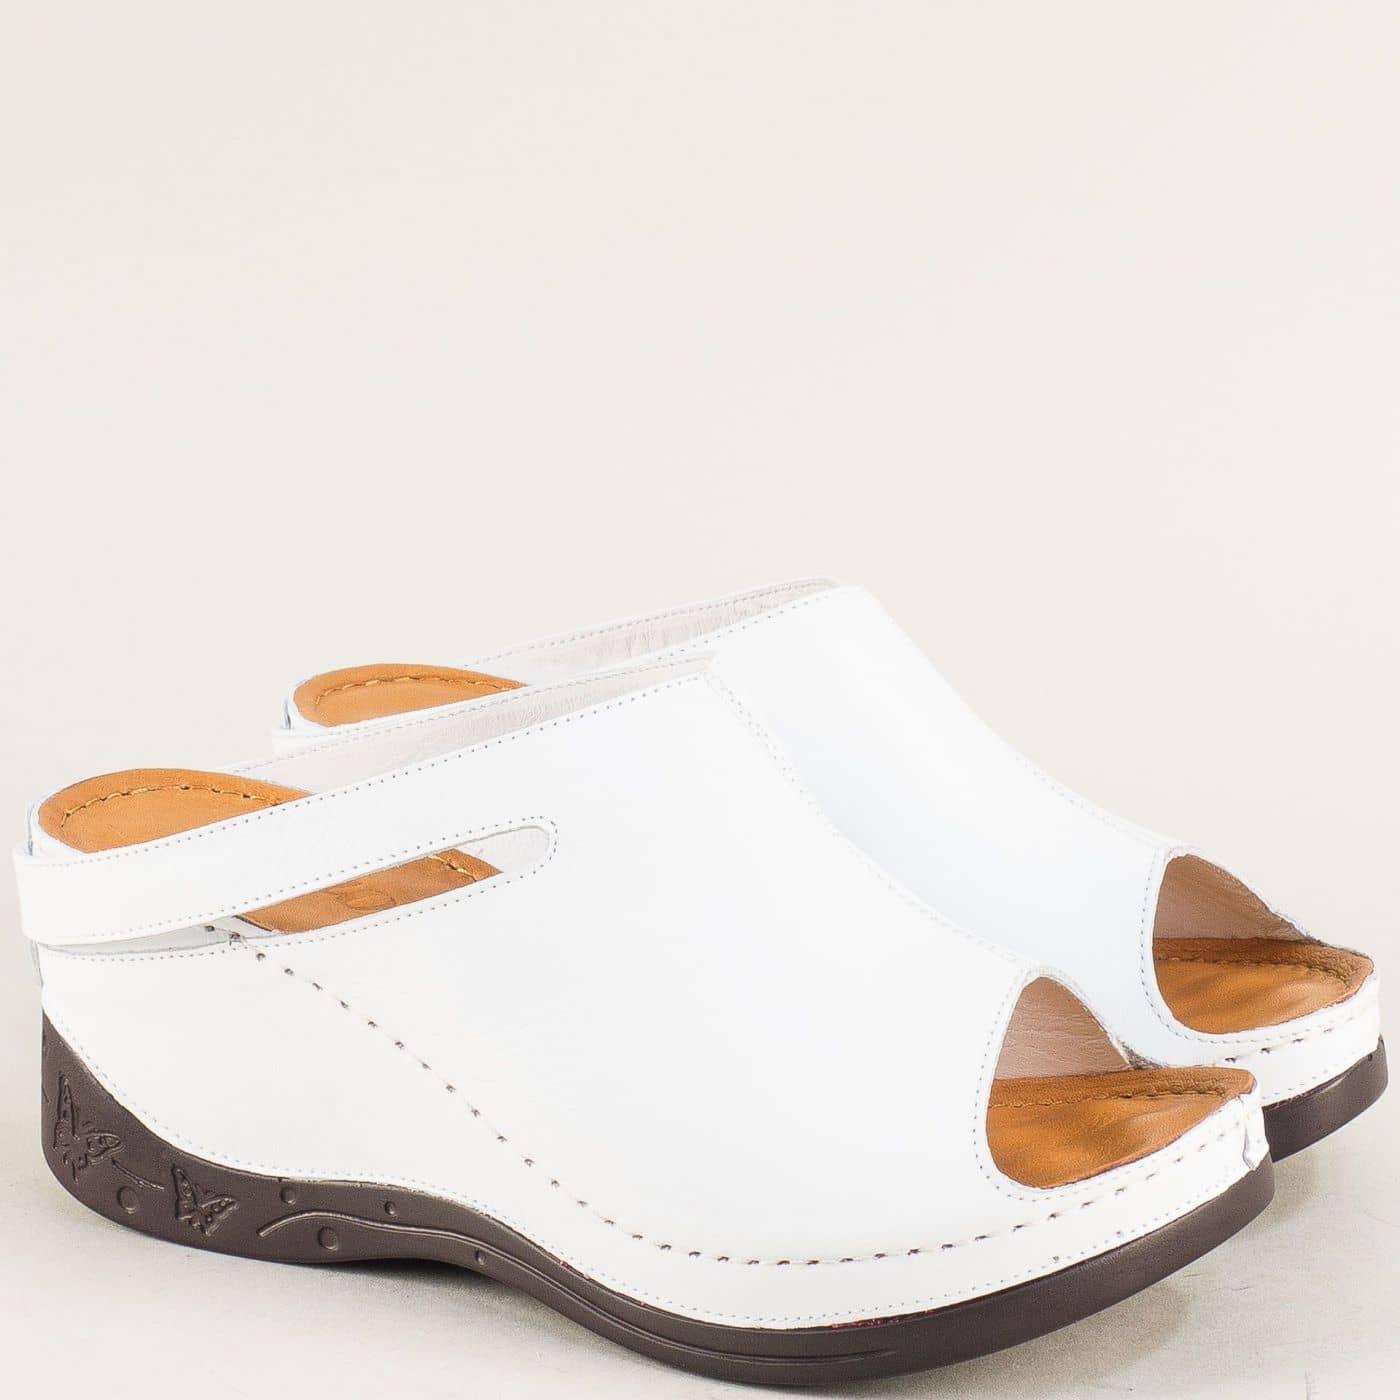 397aacca75a Анатомични дамски чехли от бяла естествена кожа 129322b - Sisi-bg.com